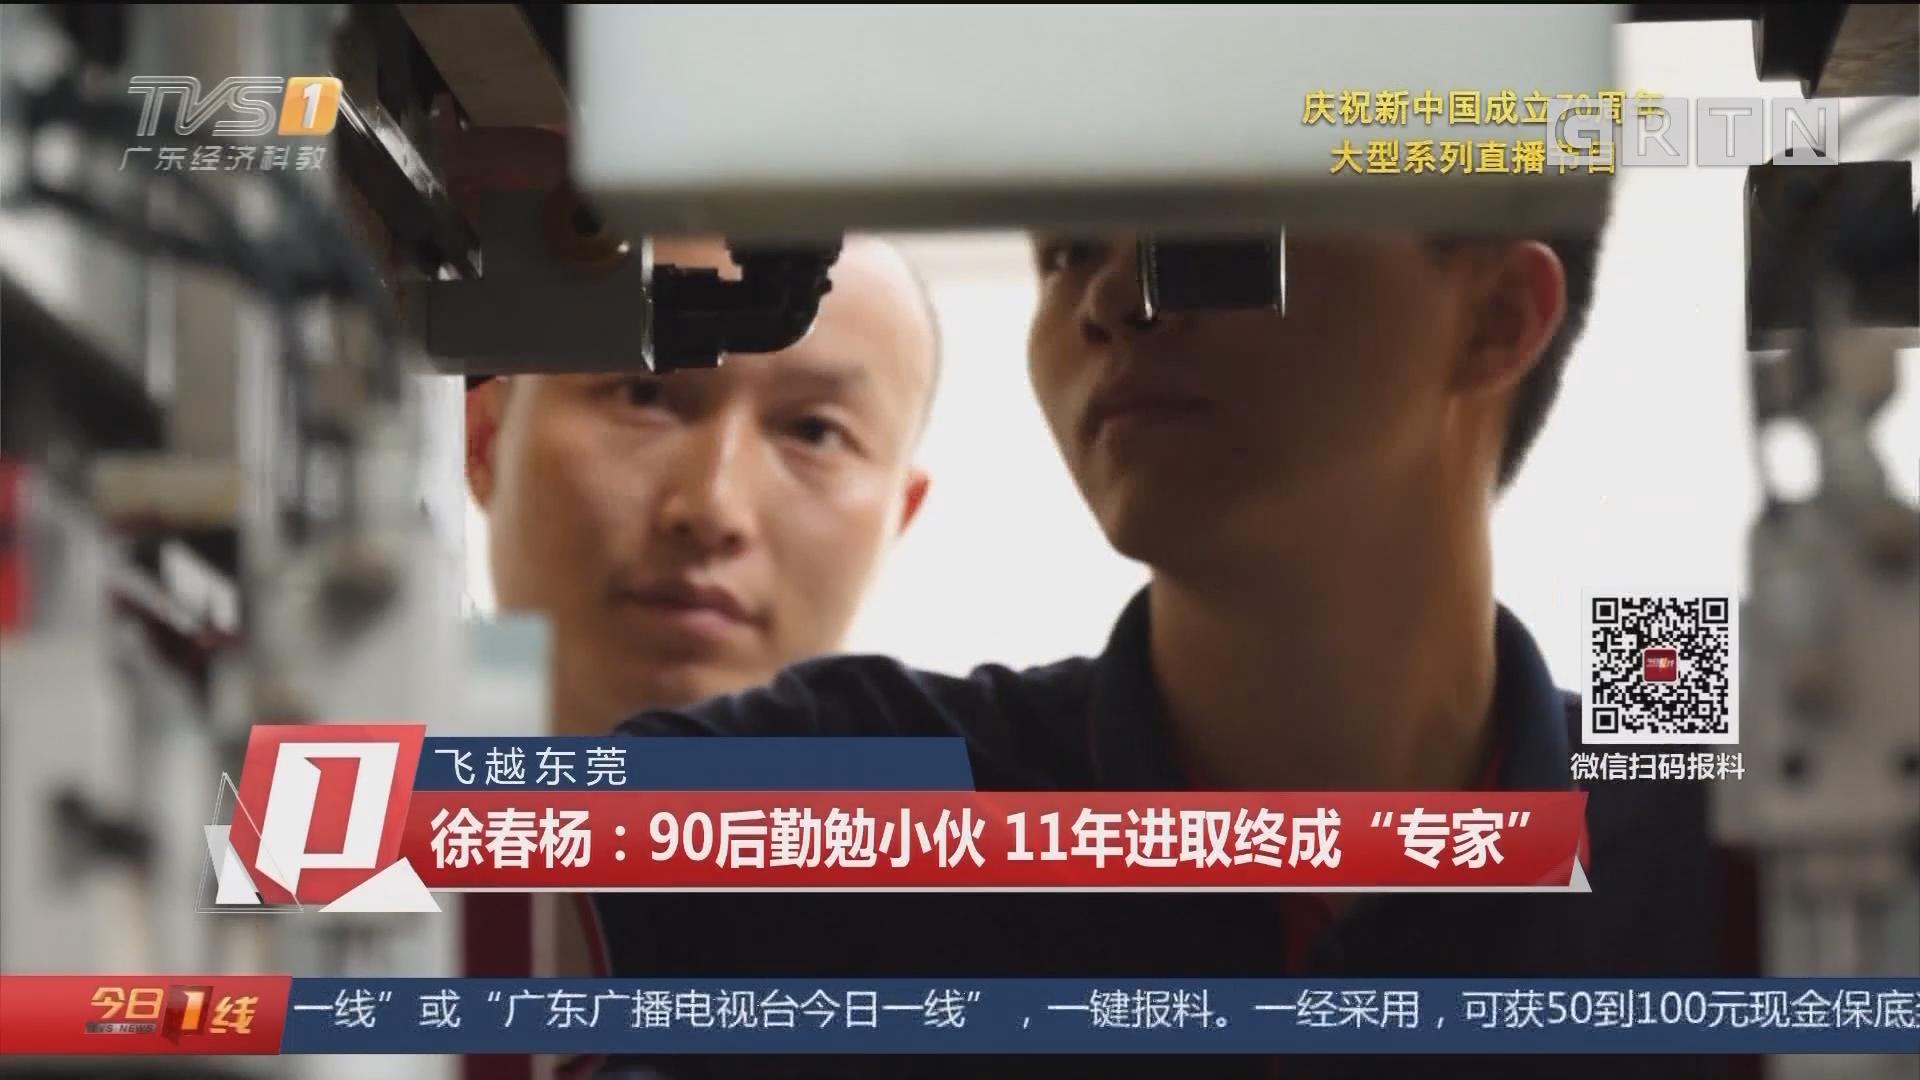 """飞越东莞 徐春杨:90后勤勉小伙 11年进取终成""""专家"""""""